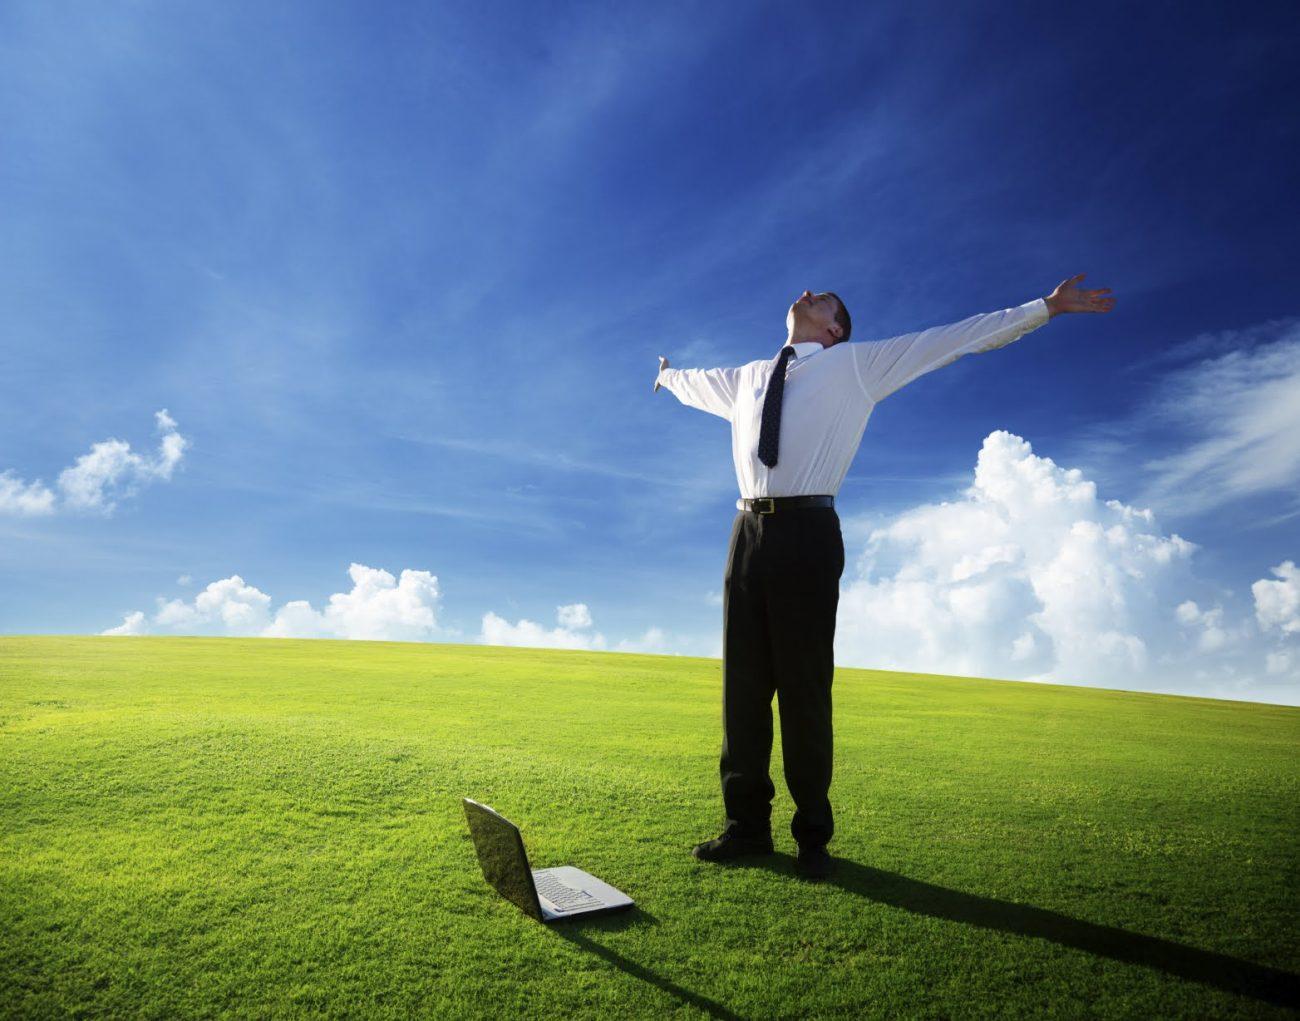 felicidade - Сургутские предприниматели могут рассчитывать на бесплатные помещения для бизнеса от администрации